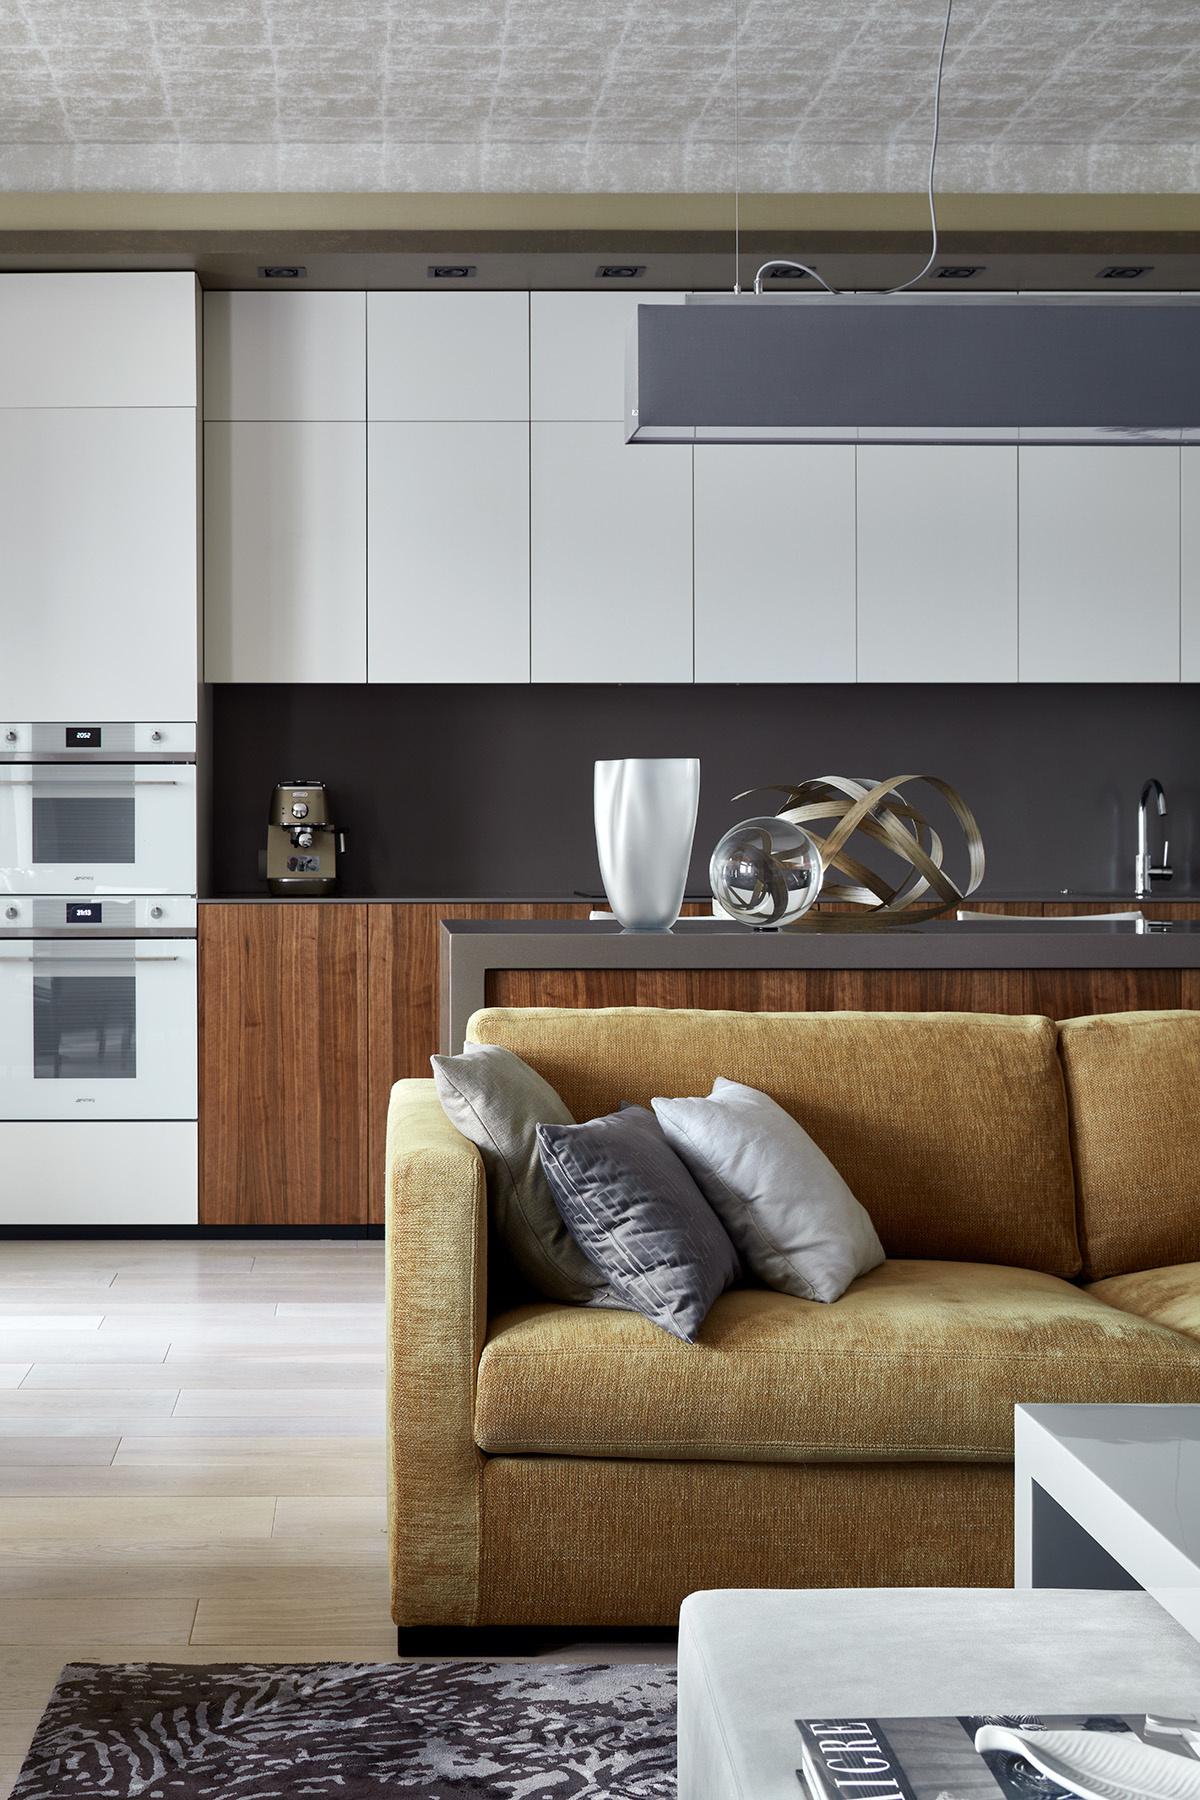 Дизайн кухни-гостиной: 25 актуальных идей (галерея 0, фото 25)